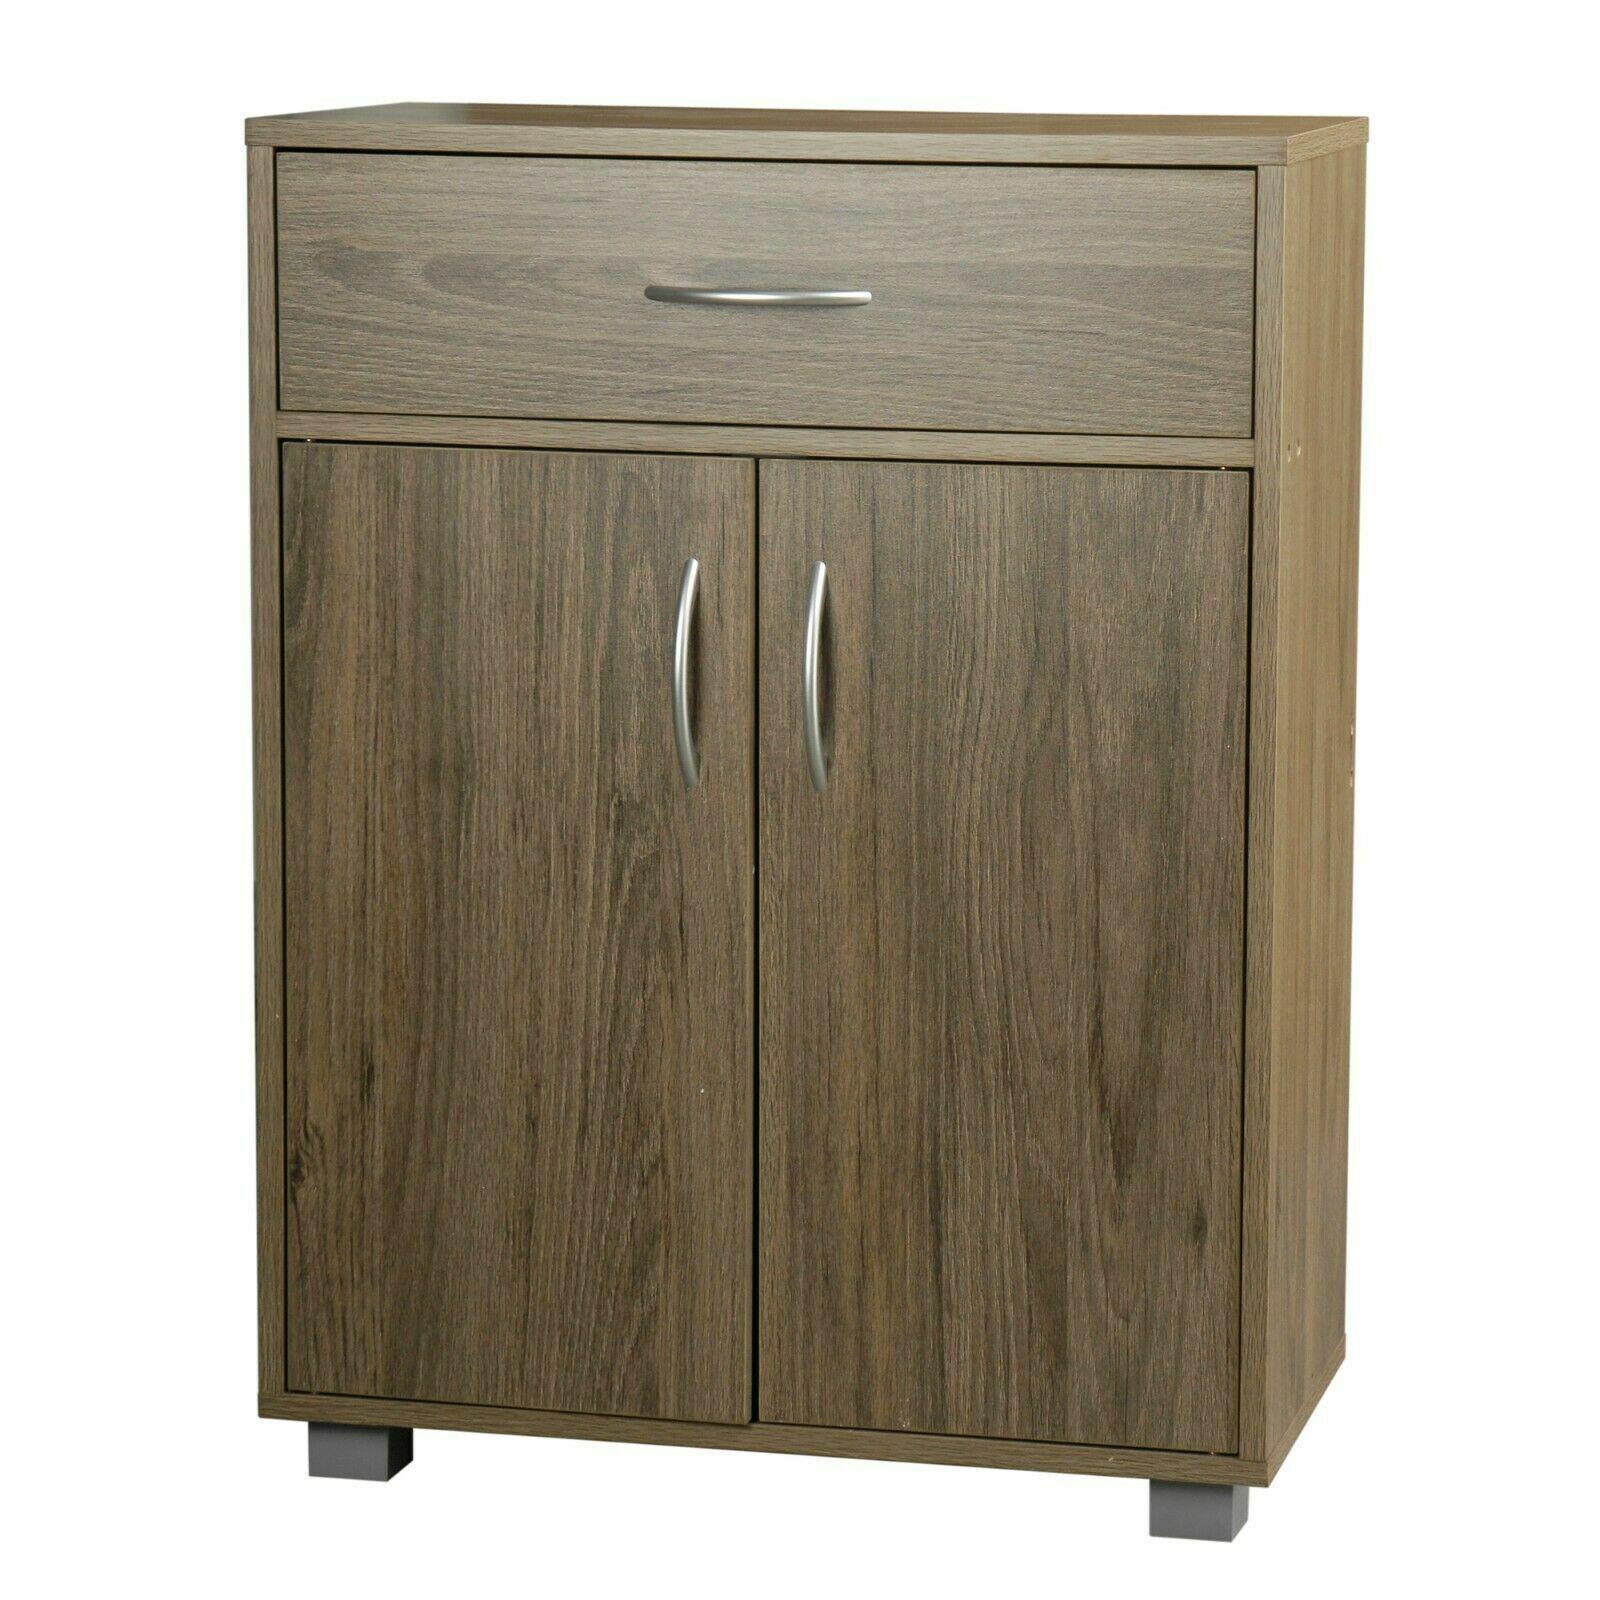 Oak Wooden Free Standing Cabinet Living Room Bedroom Shelves Drawer Storage | EBay